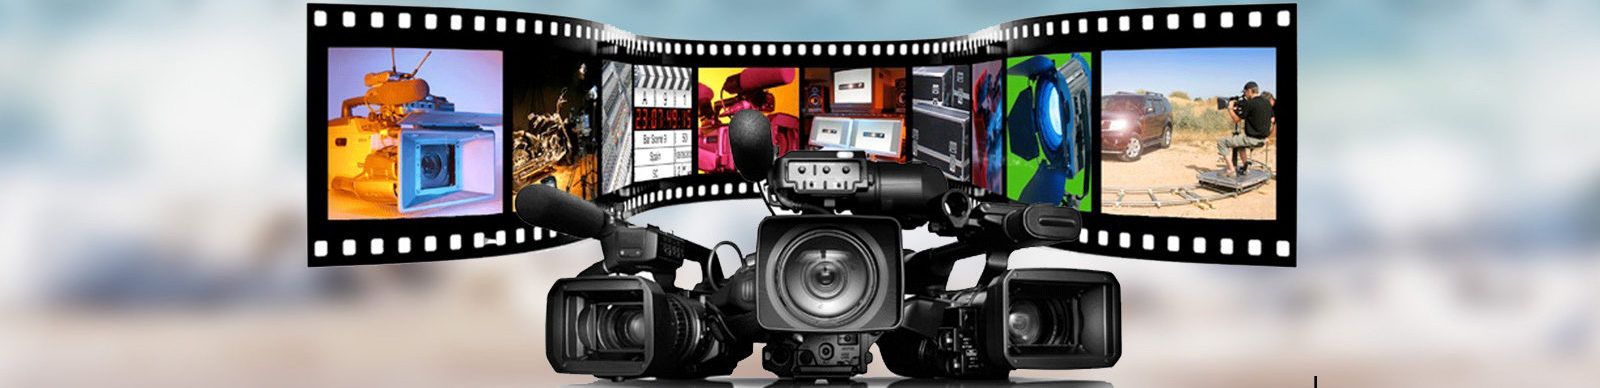 Salofilmi, ketterää videotuotantoa